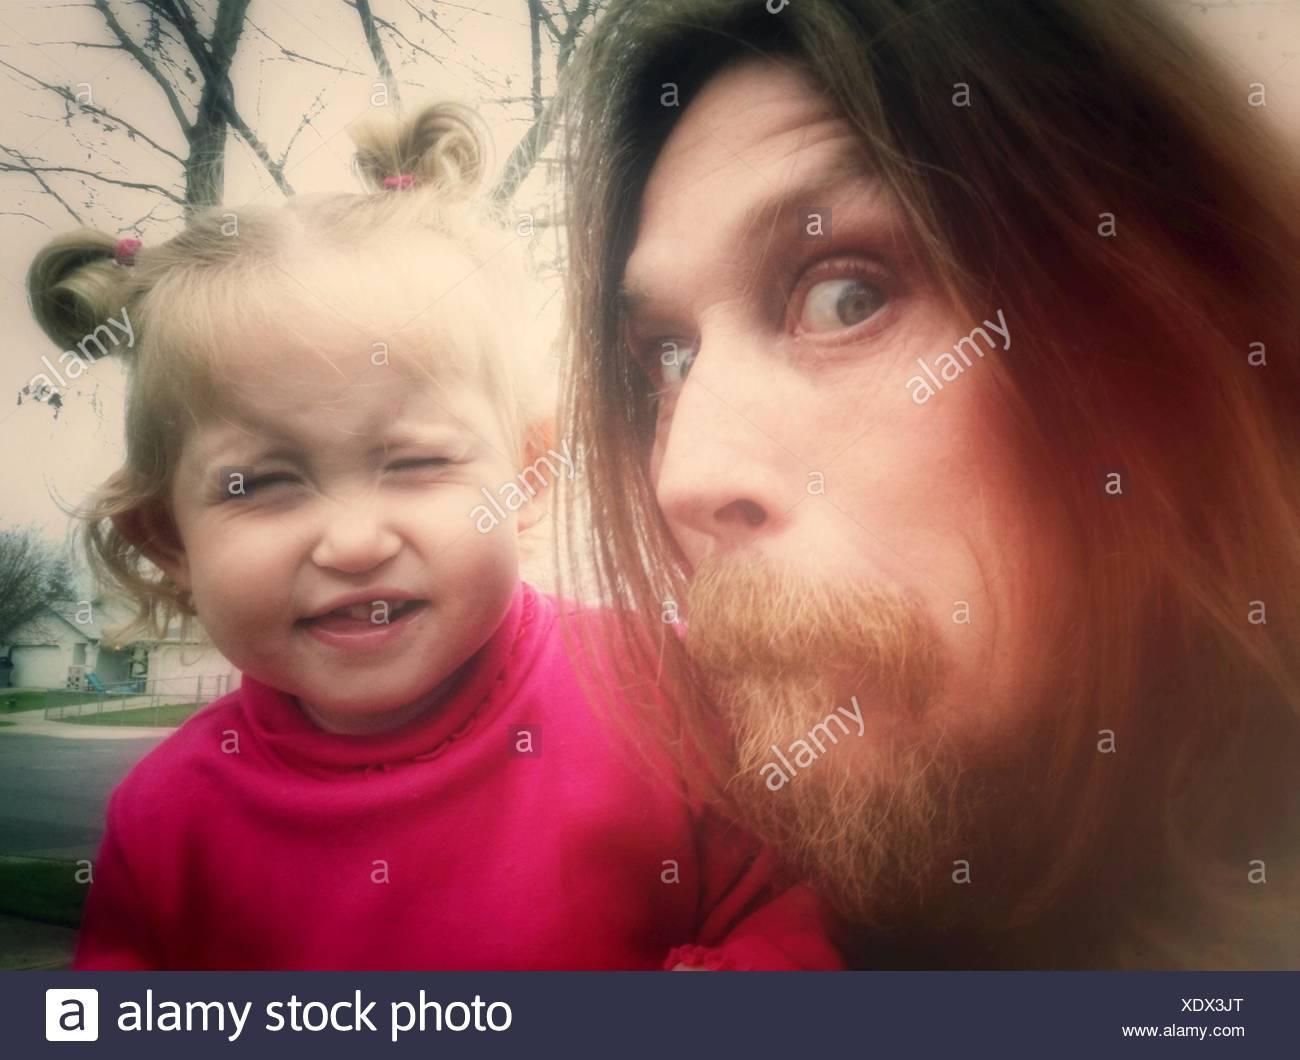 En primer plano el retrato de un hombre y de una niña haciendo caras Foto de stock